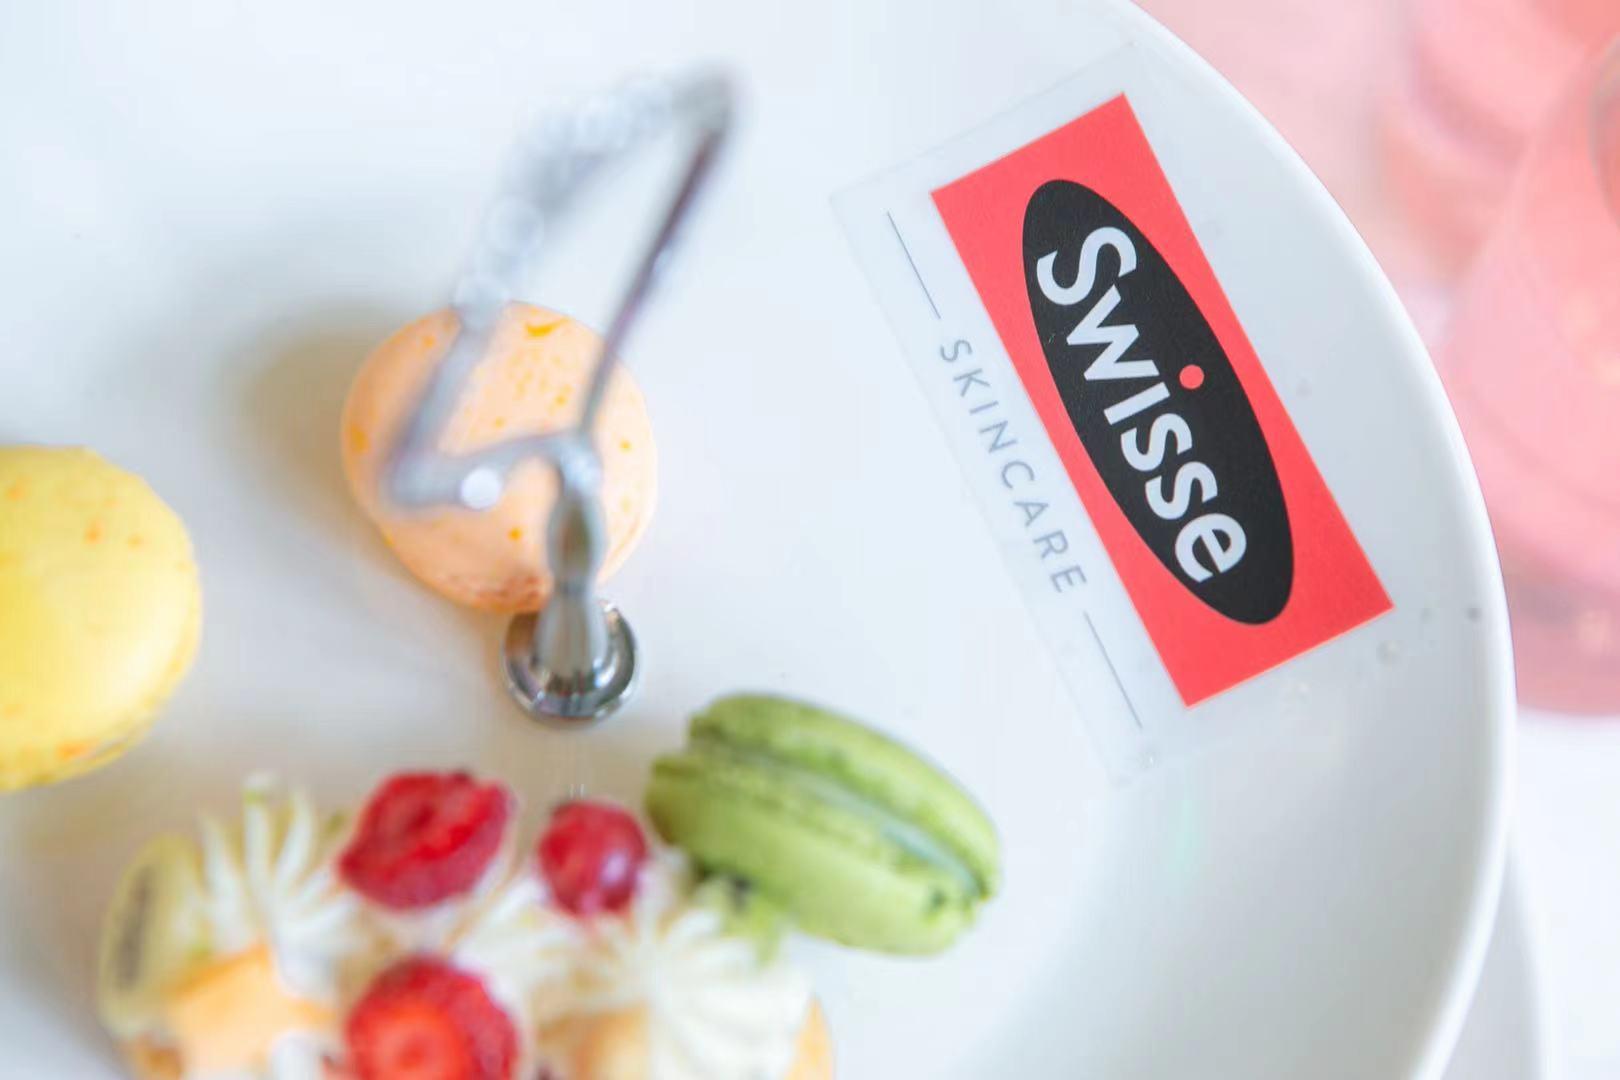 肌食同源新理念,由内而外,自然更美 Swisse斯维诗®2021升级版涂鸦泥膜新品体验沙龙上海站